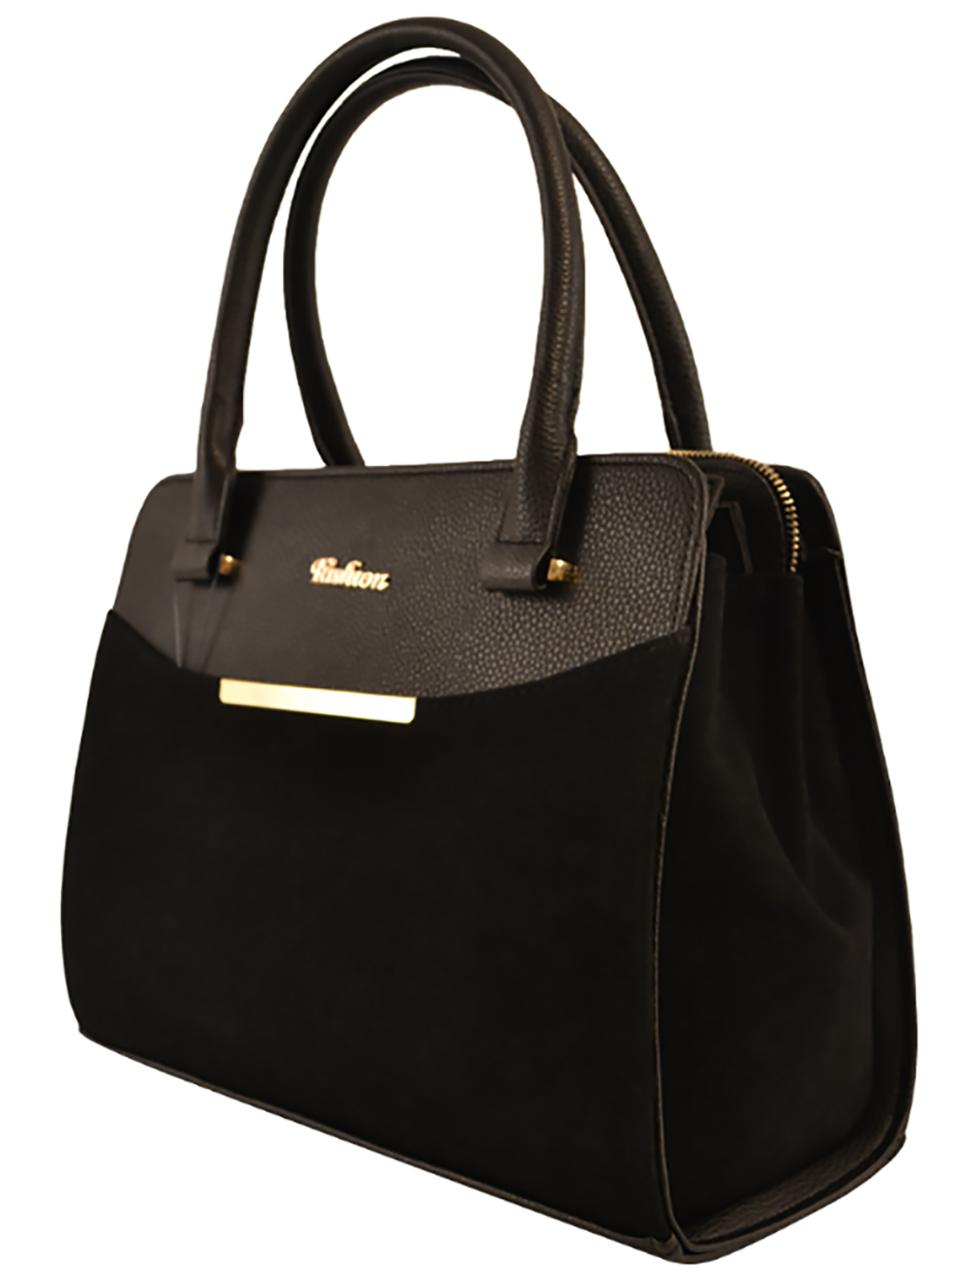 bfee0825eb2d Сумка женская классическая черная замшевая офисная: продажа, цена в ...